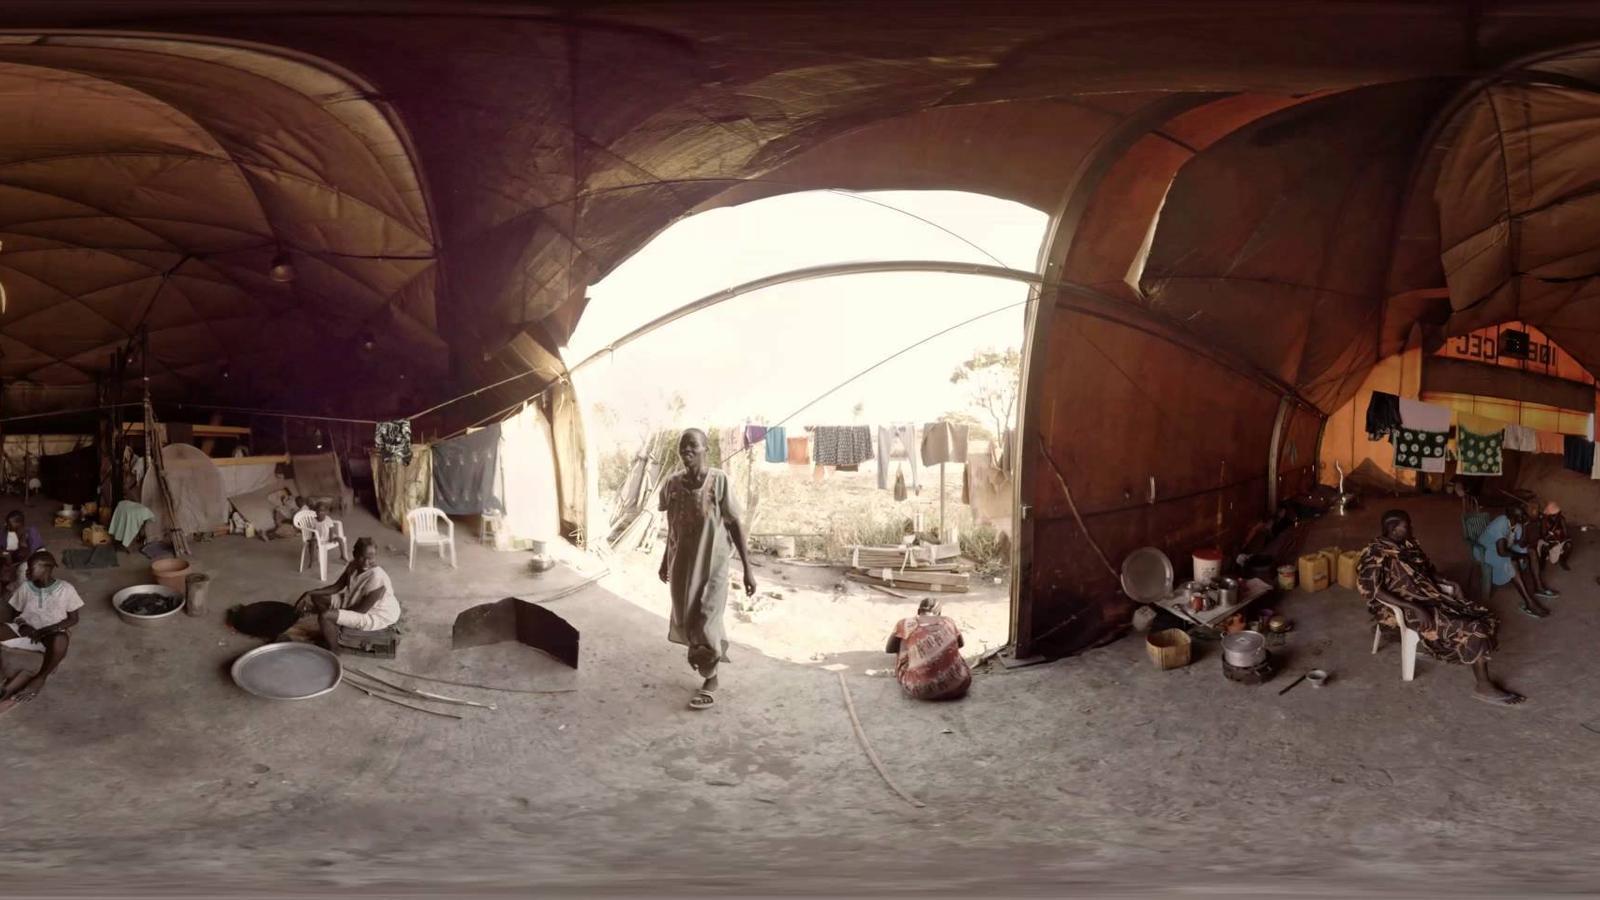 VÍDEO DE 3D SOBRE EL CAMP DE MALAKAL, DE MSF AL SUDAN DEL SUD